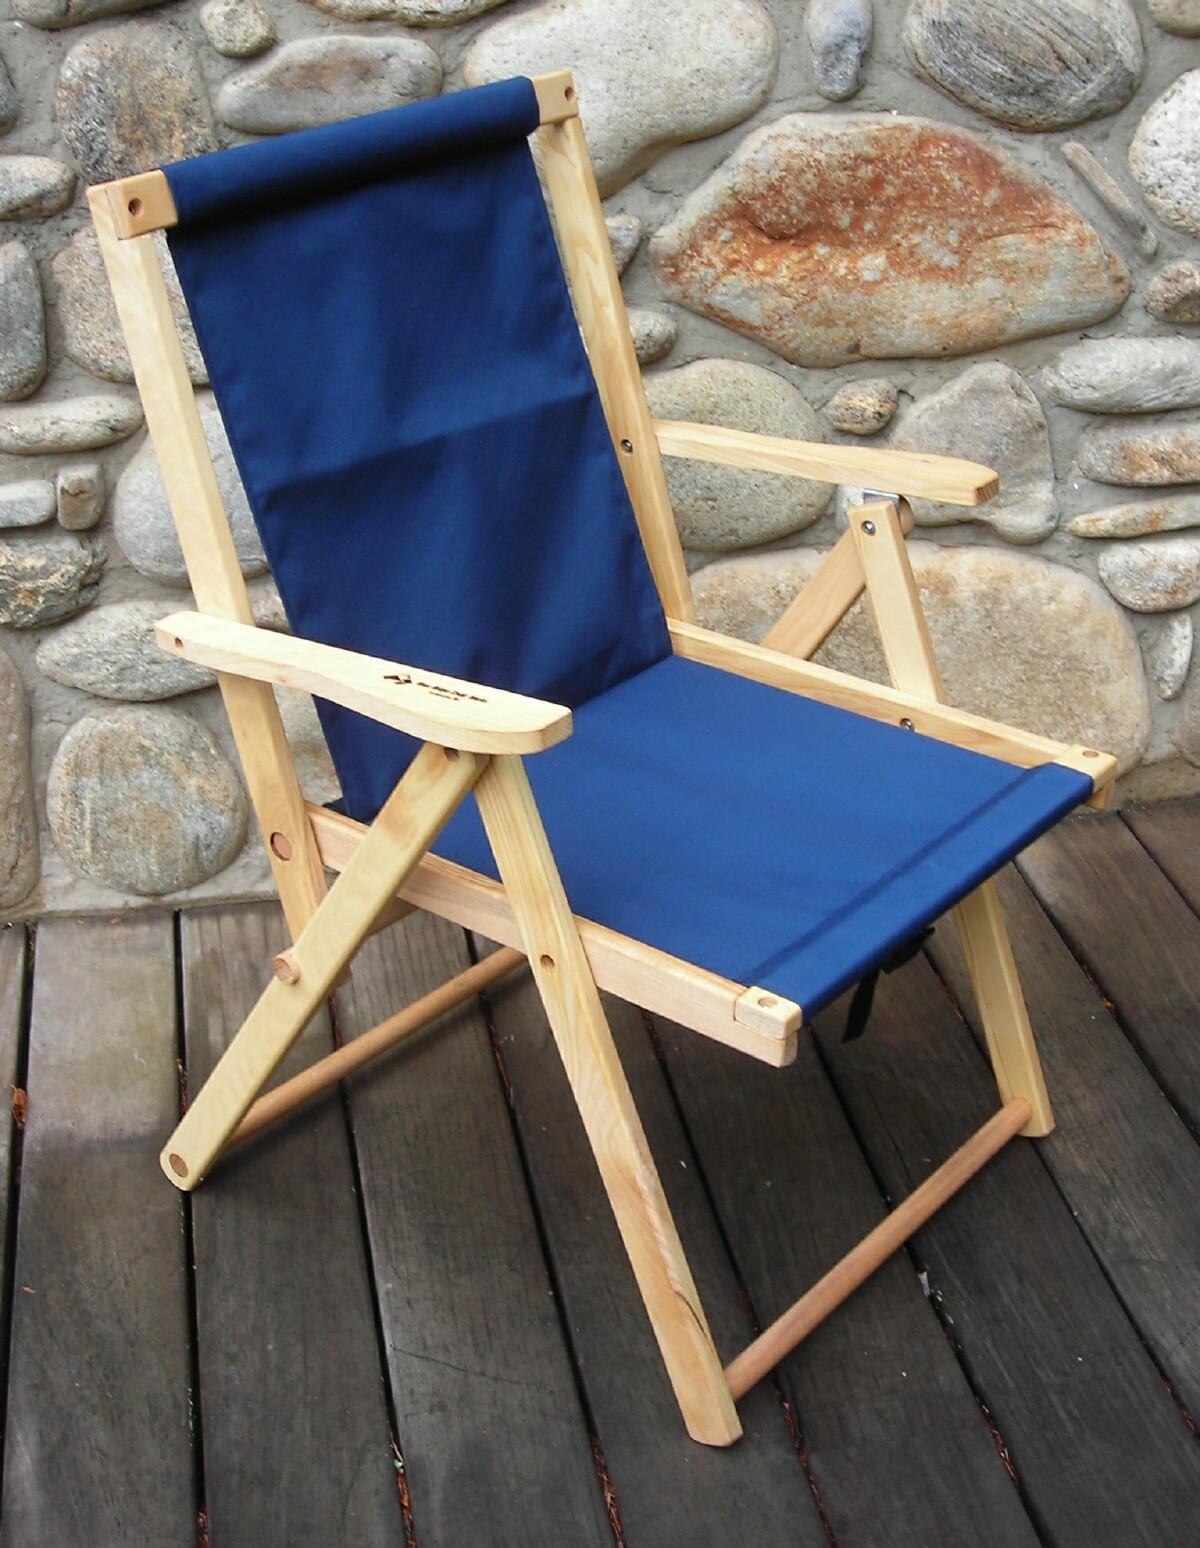 The Deck Chair by Blue Ridge Chair